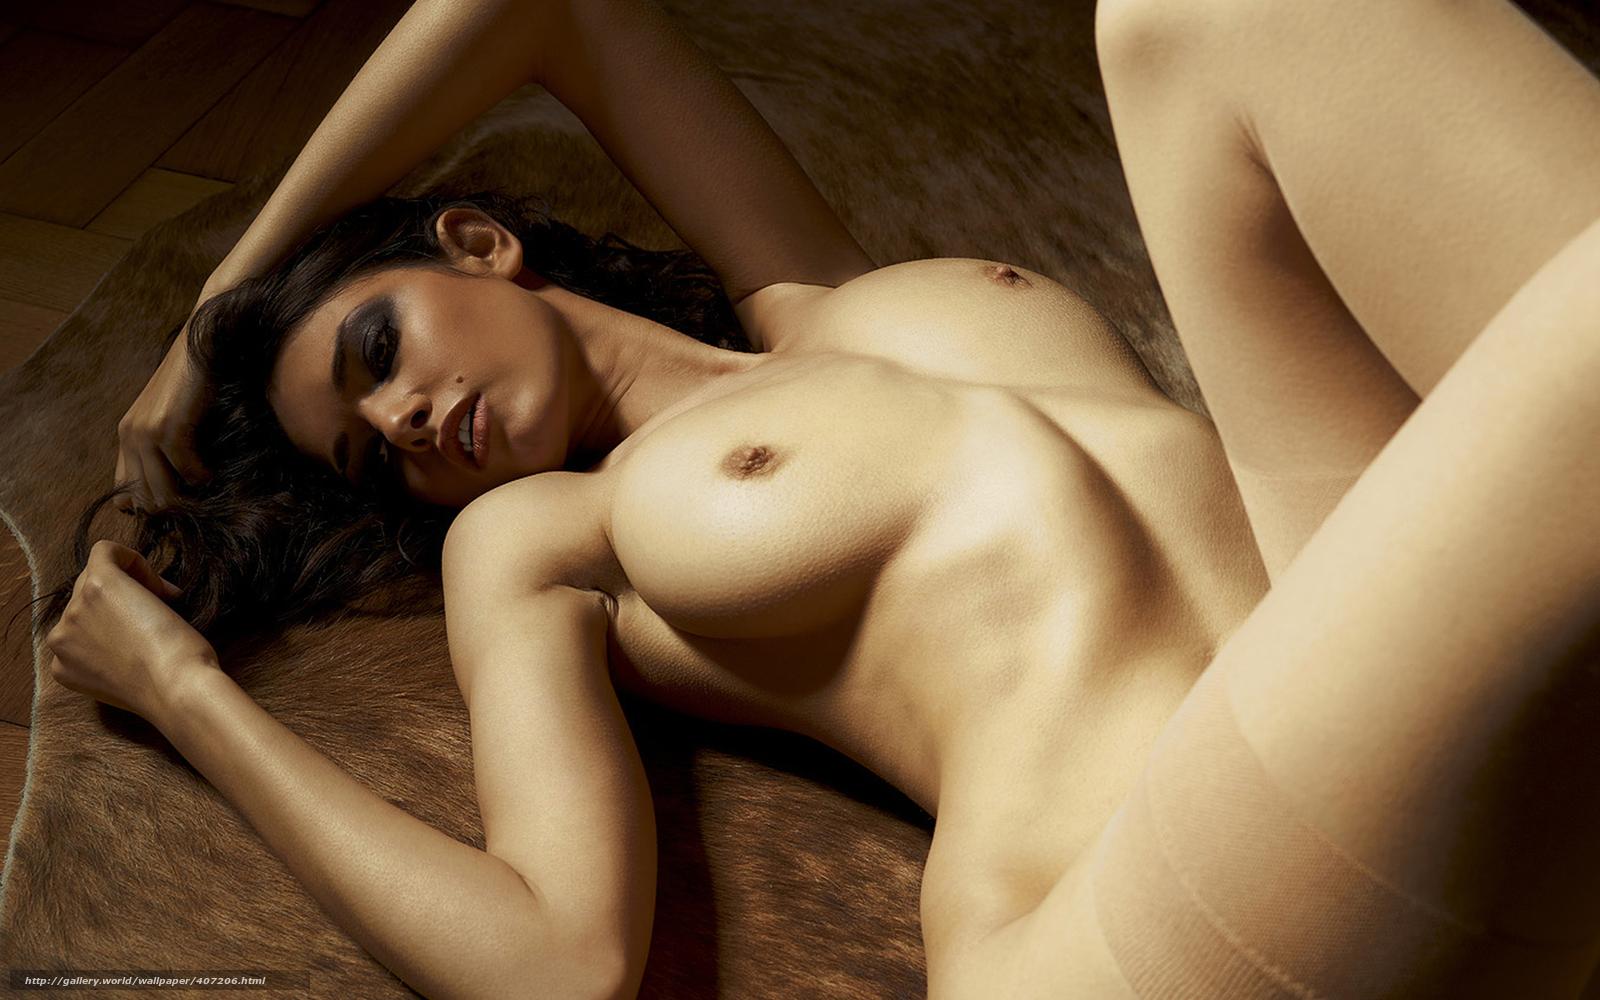 Эротика грудь подсмотрел раздевалась 26 фотография